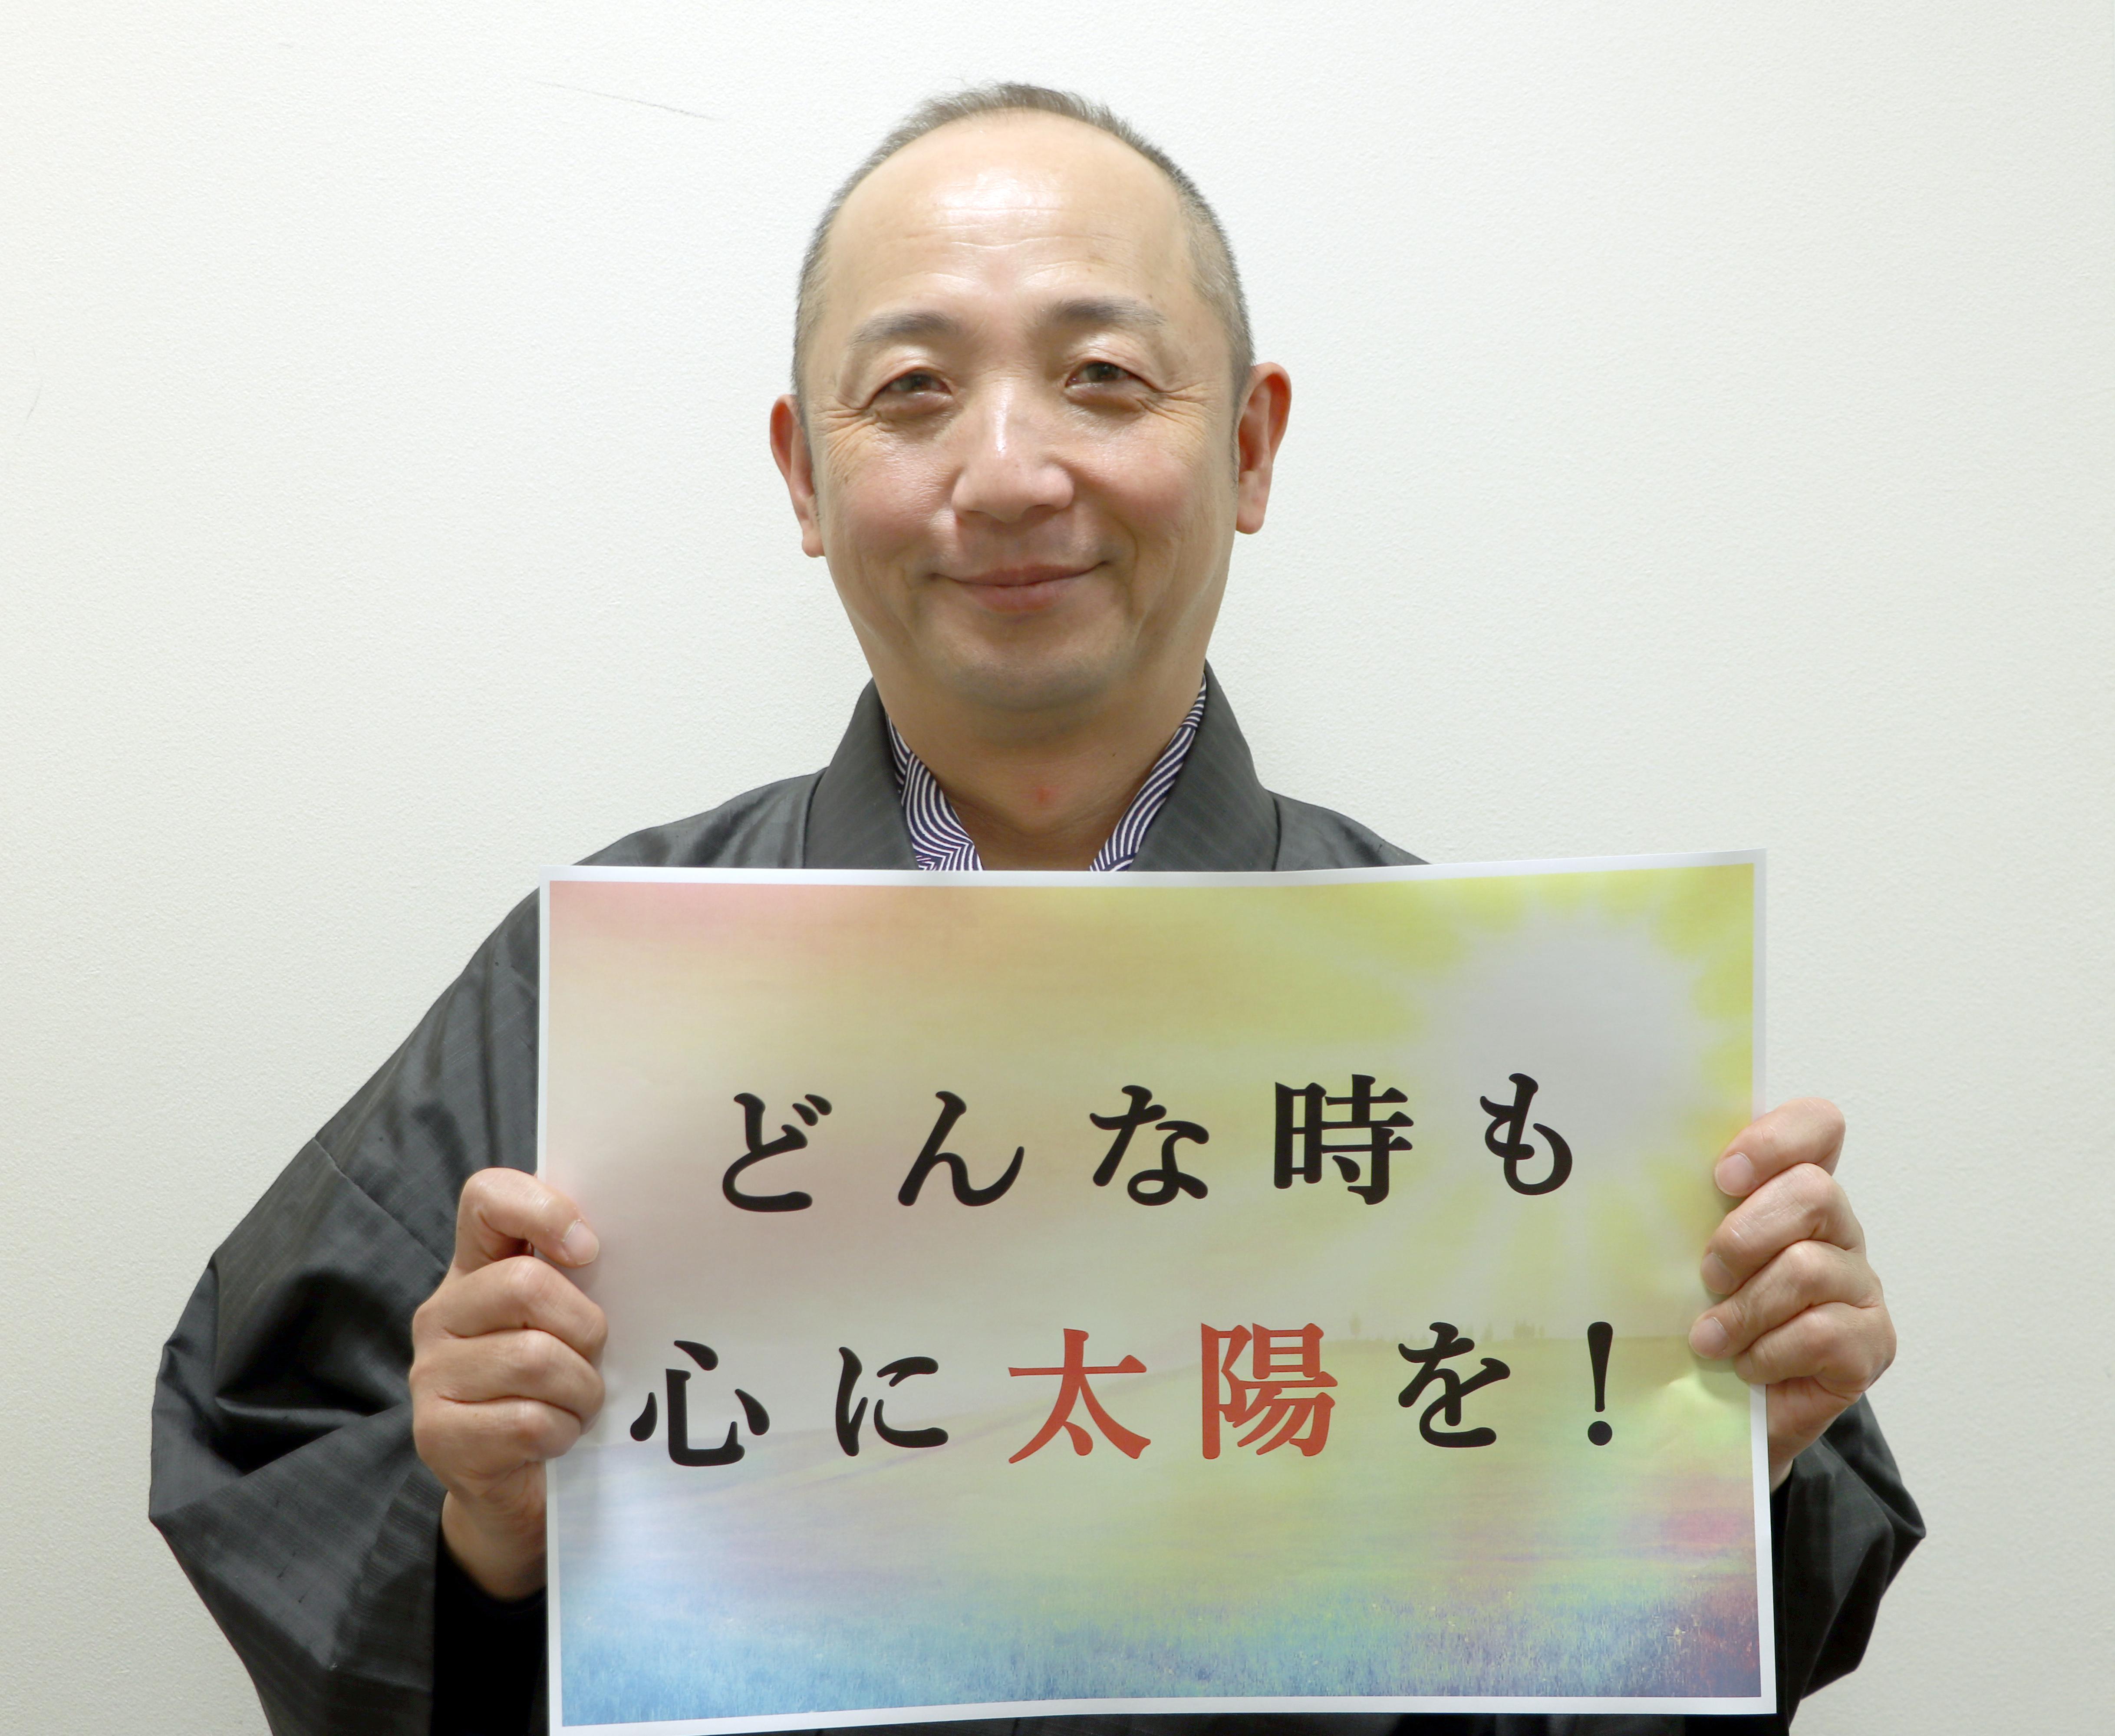 和想館が「マイナビWEB合同企業説明会」に掲載中!